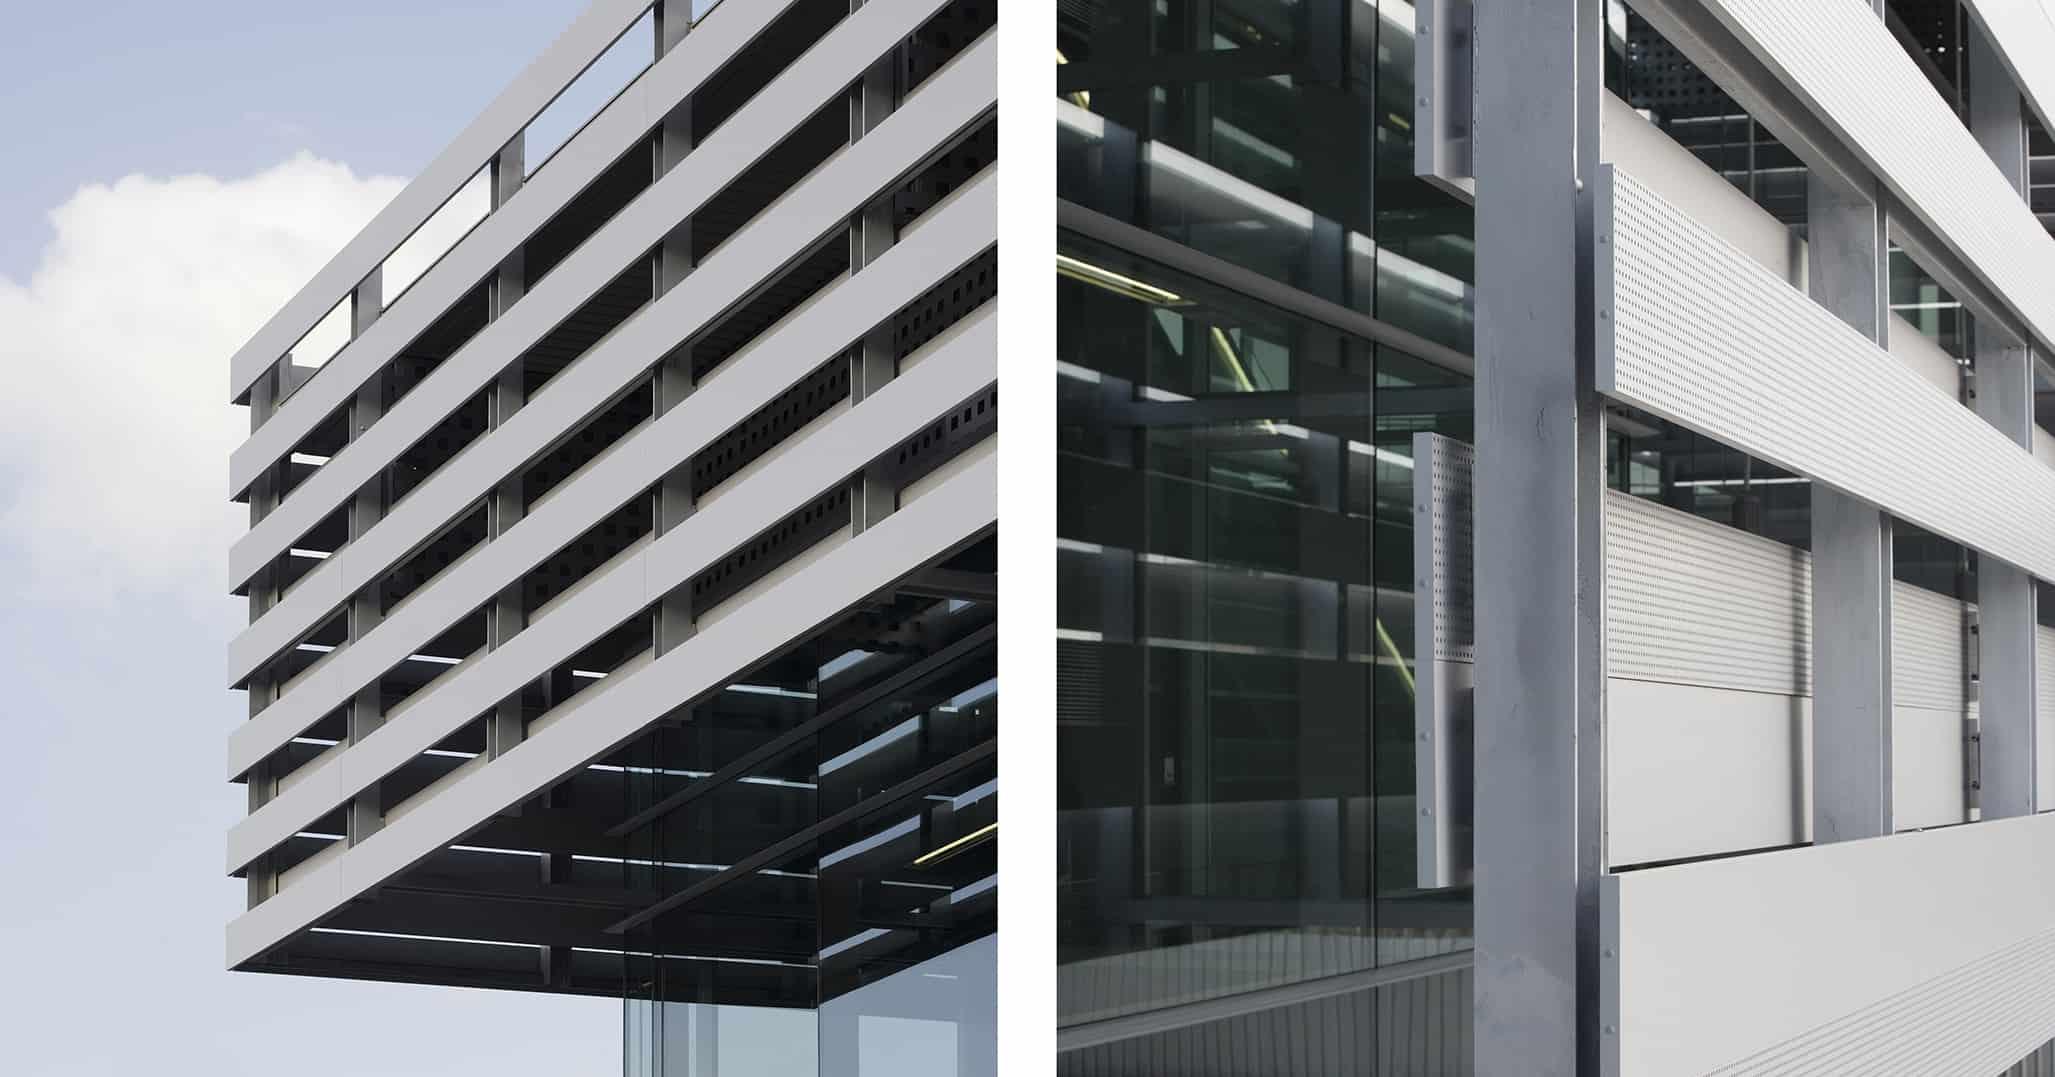 Fachada Estación METRO de MADRID_LGV+LANDINEZ+REY   equipo L2G arquitectos, slp [eL2Gaa ] - arquitectura del transporte